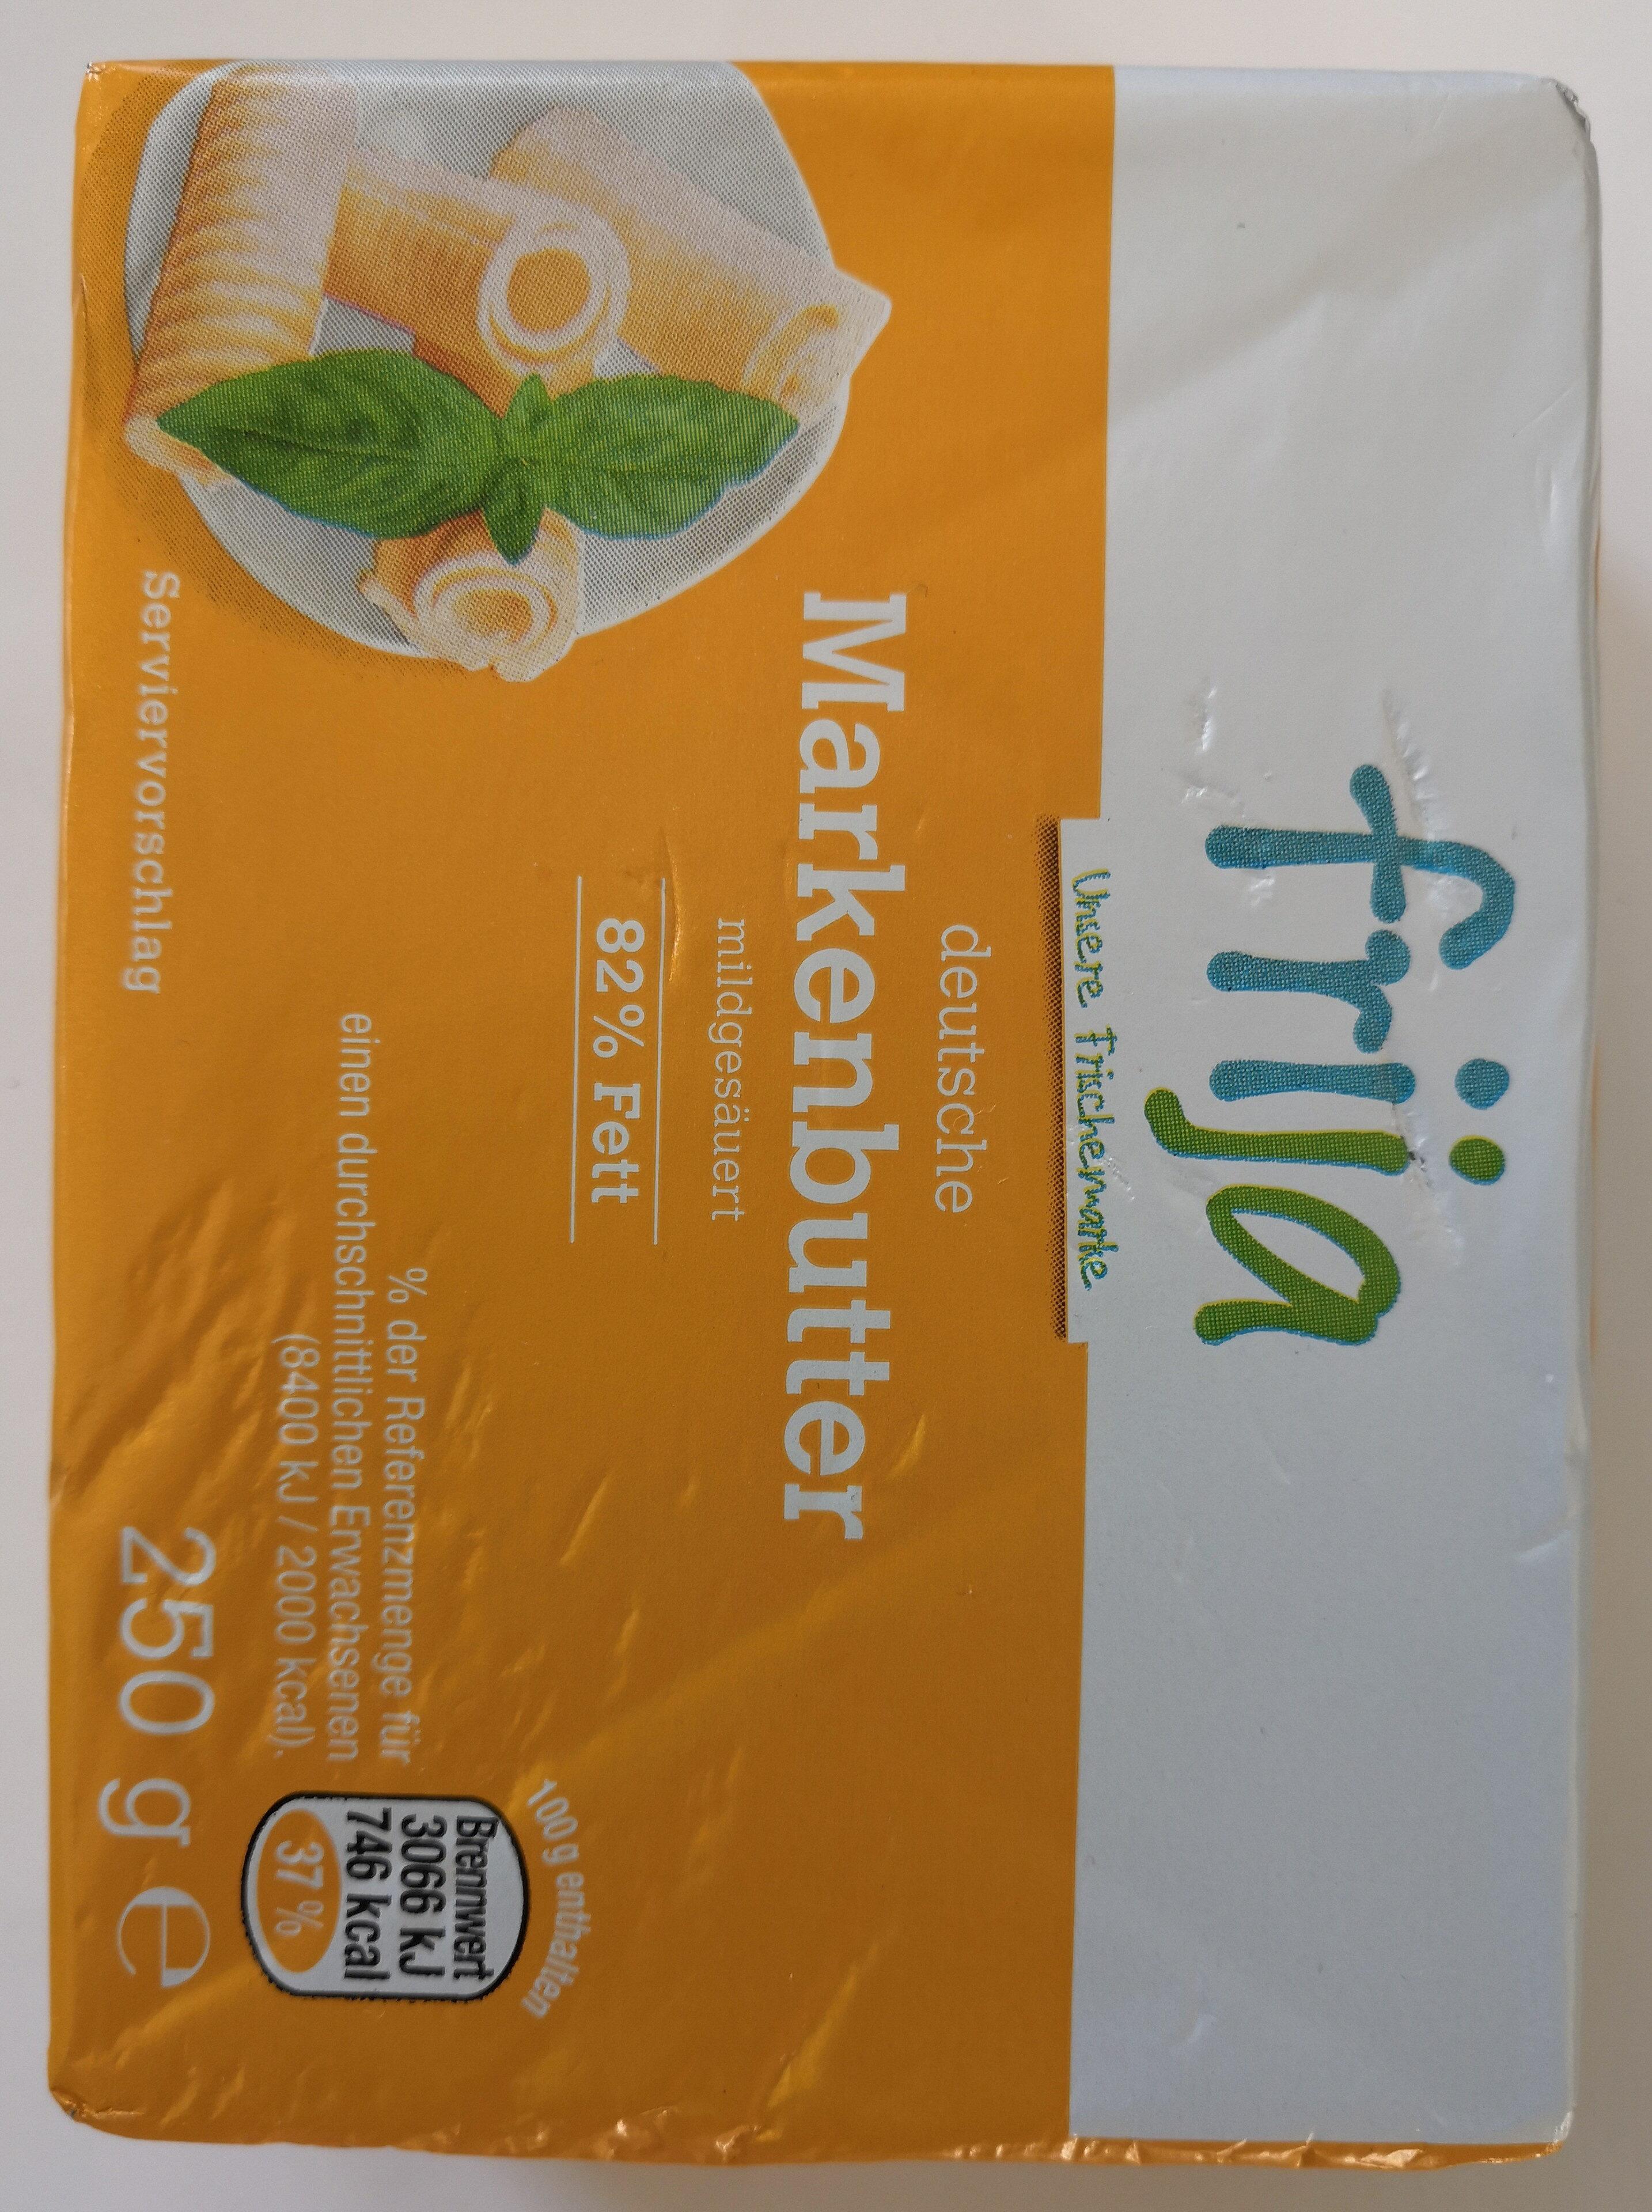 deutsche Markenbutter mildgesäuert - Produkt - de